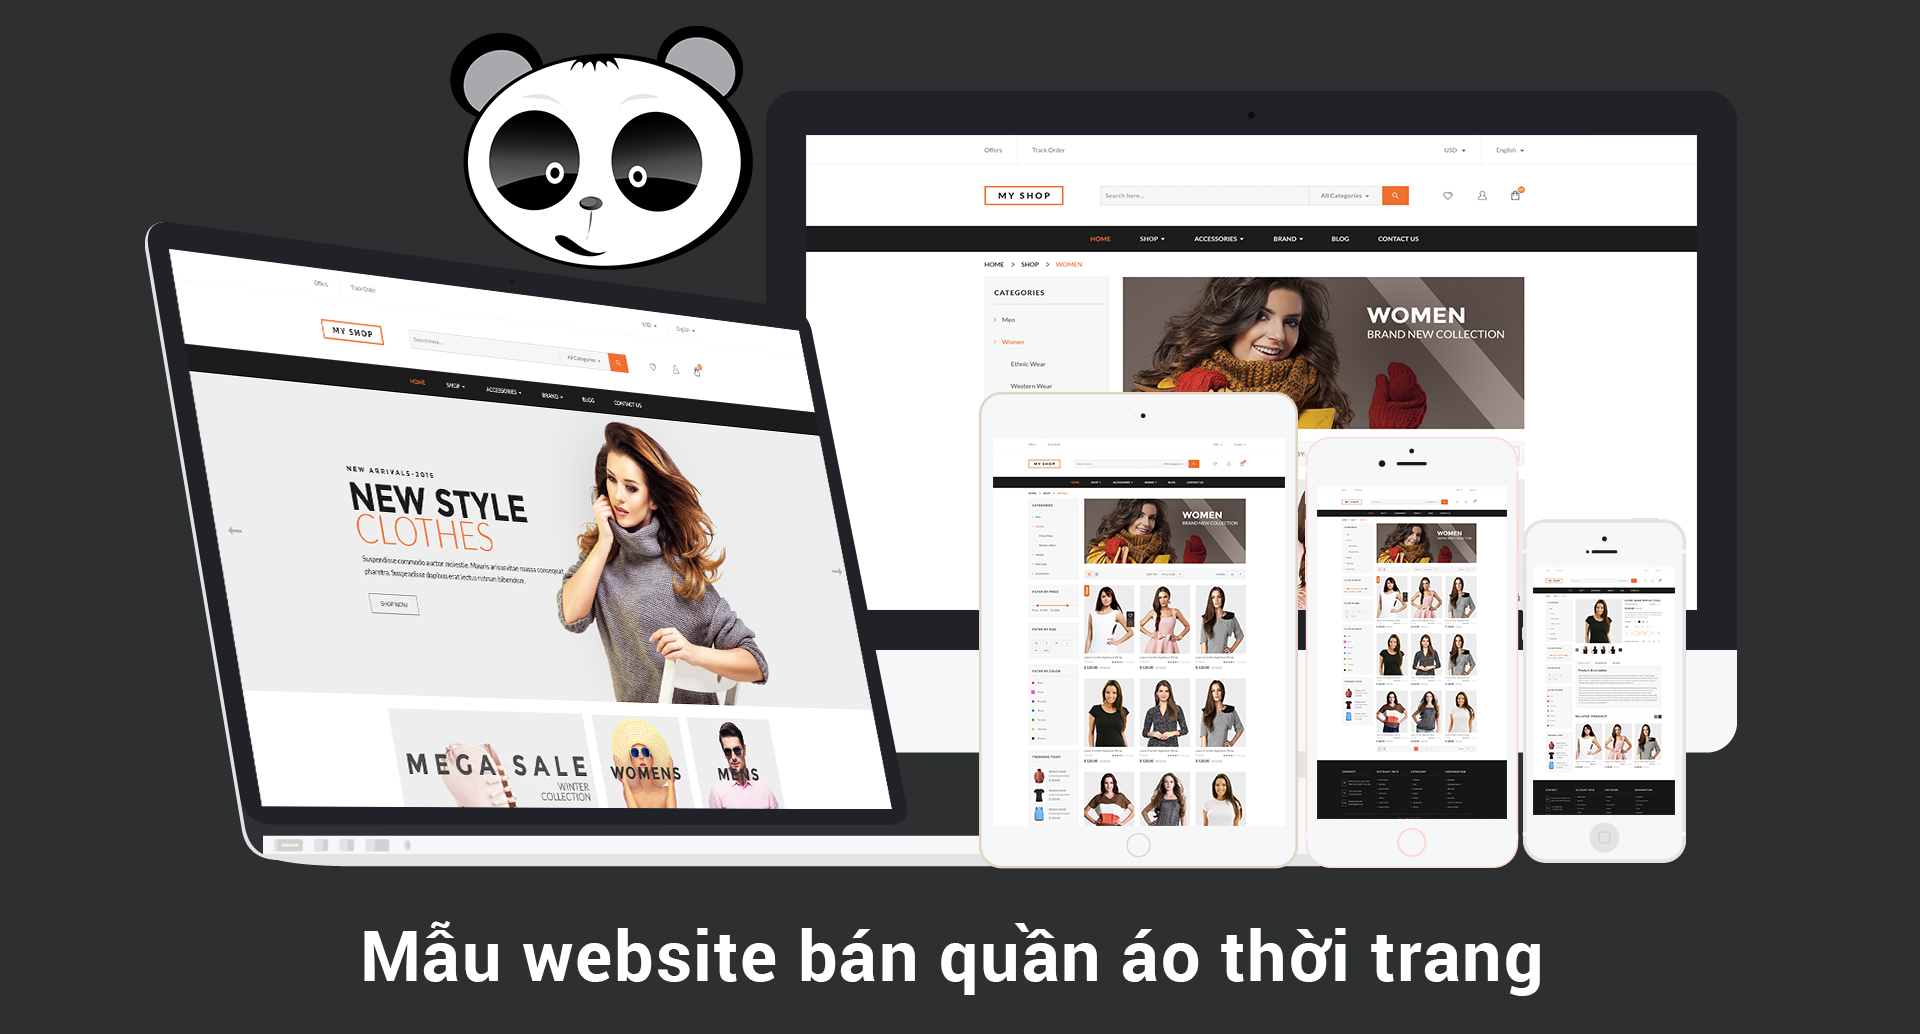 Mẫu website bán hàng quần áo